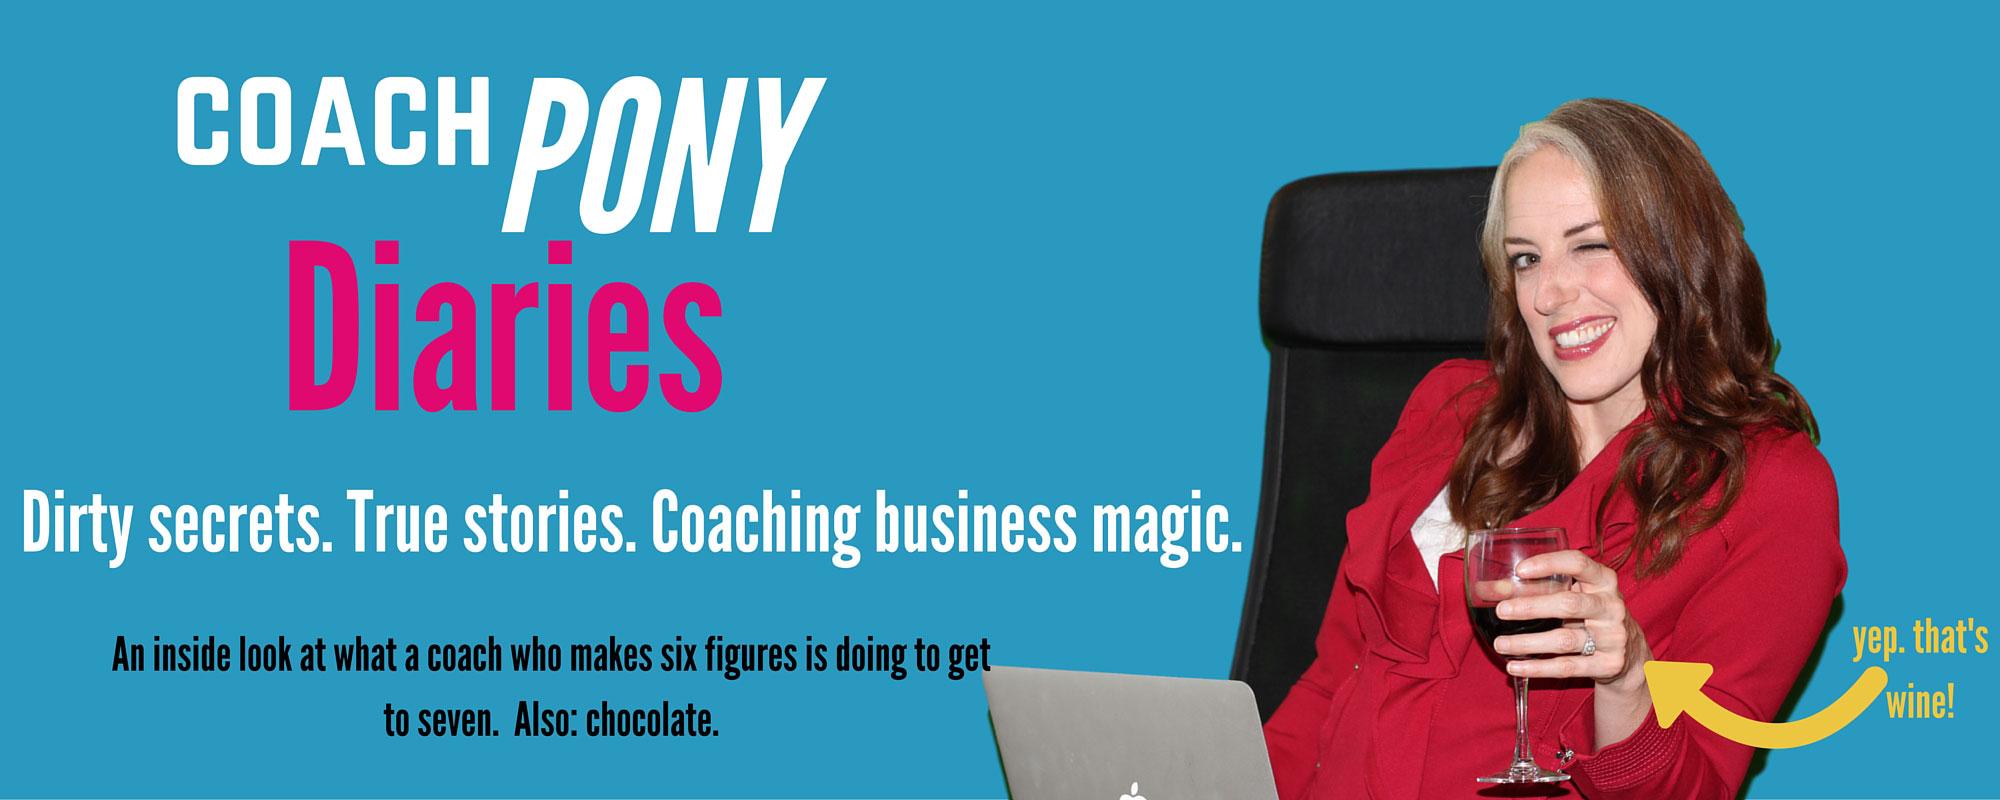 Coach Pony Diaries